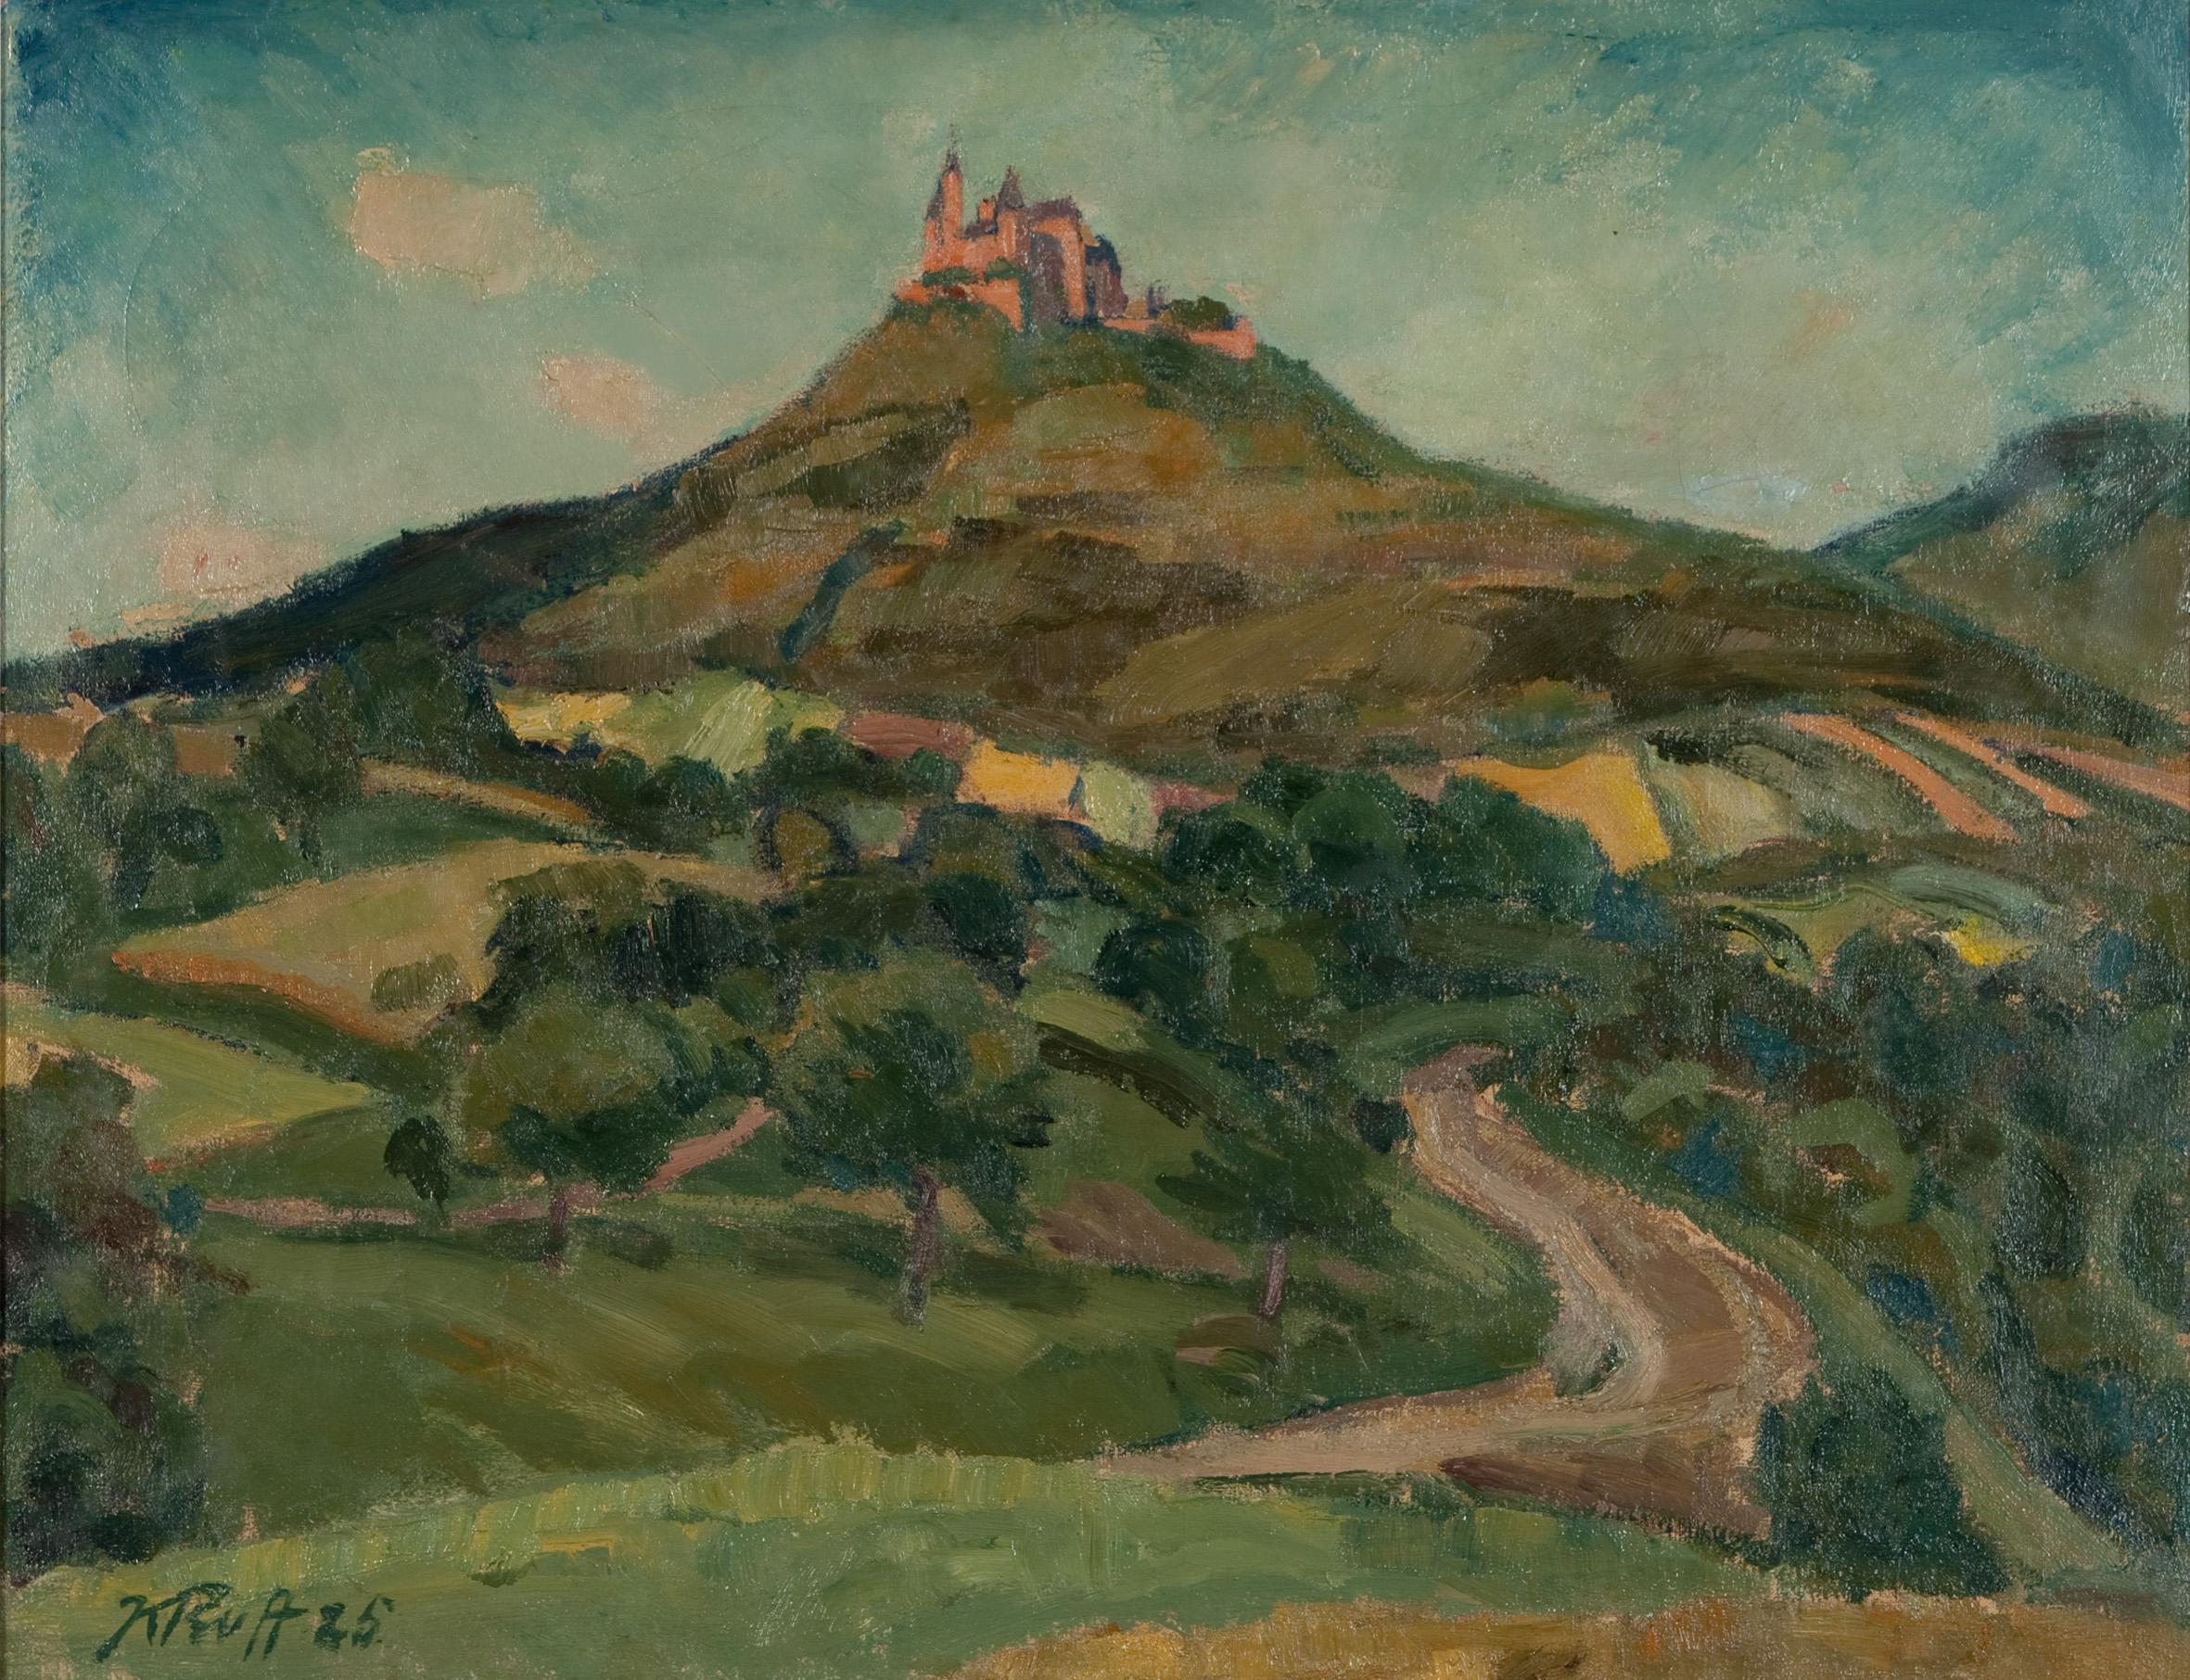 Die Burg Hohenzollern von Zimmern aus (1925)